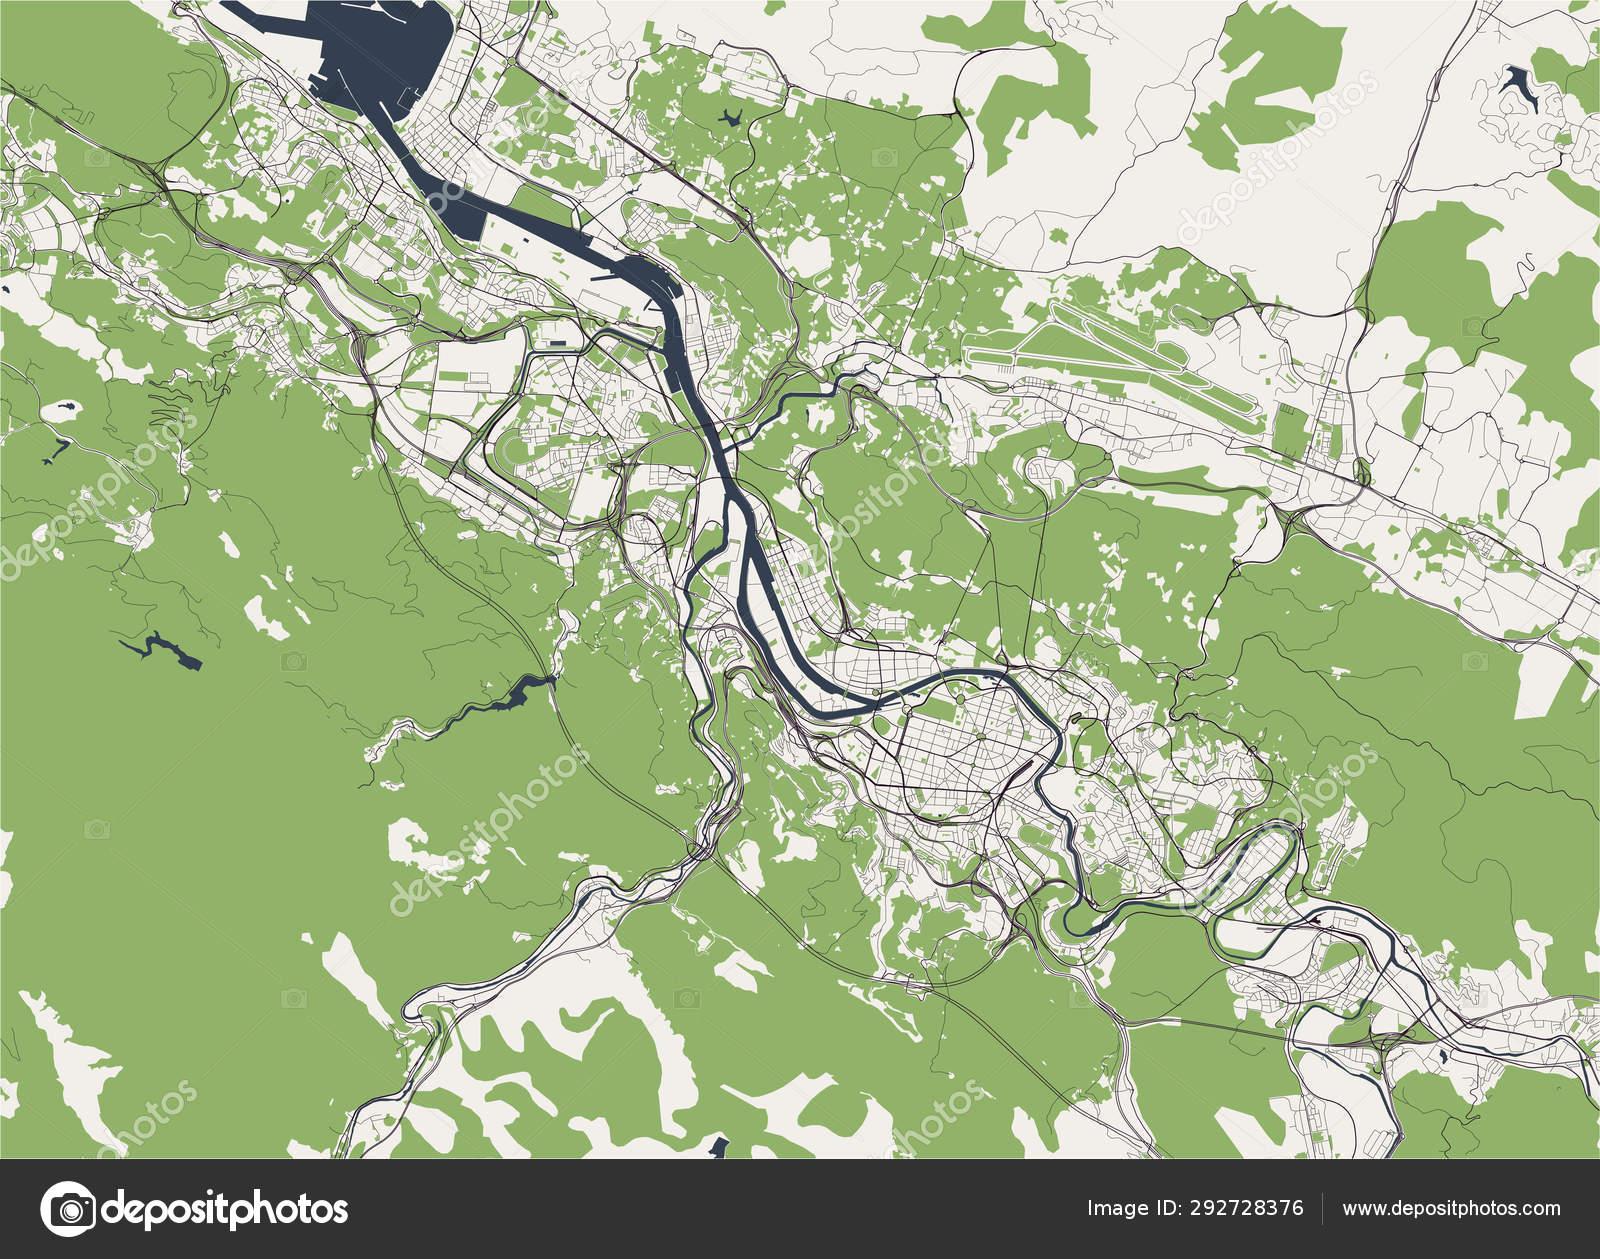 Mapa De Bilbao España.Mapa De La Ciudad De Bilbao Espana Archivo Imagenes